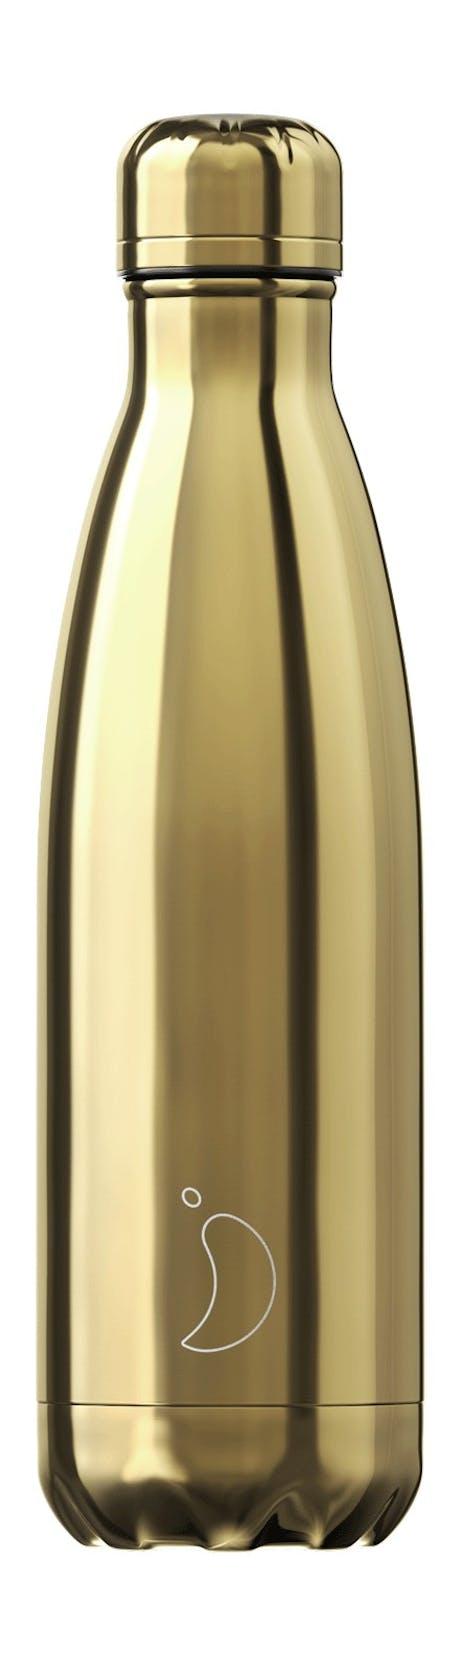 Bottiglia termica CHILLY'S chrome gold 500ml